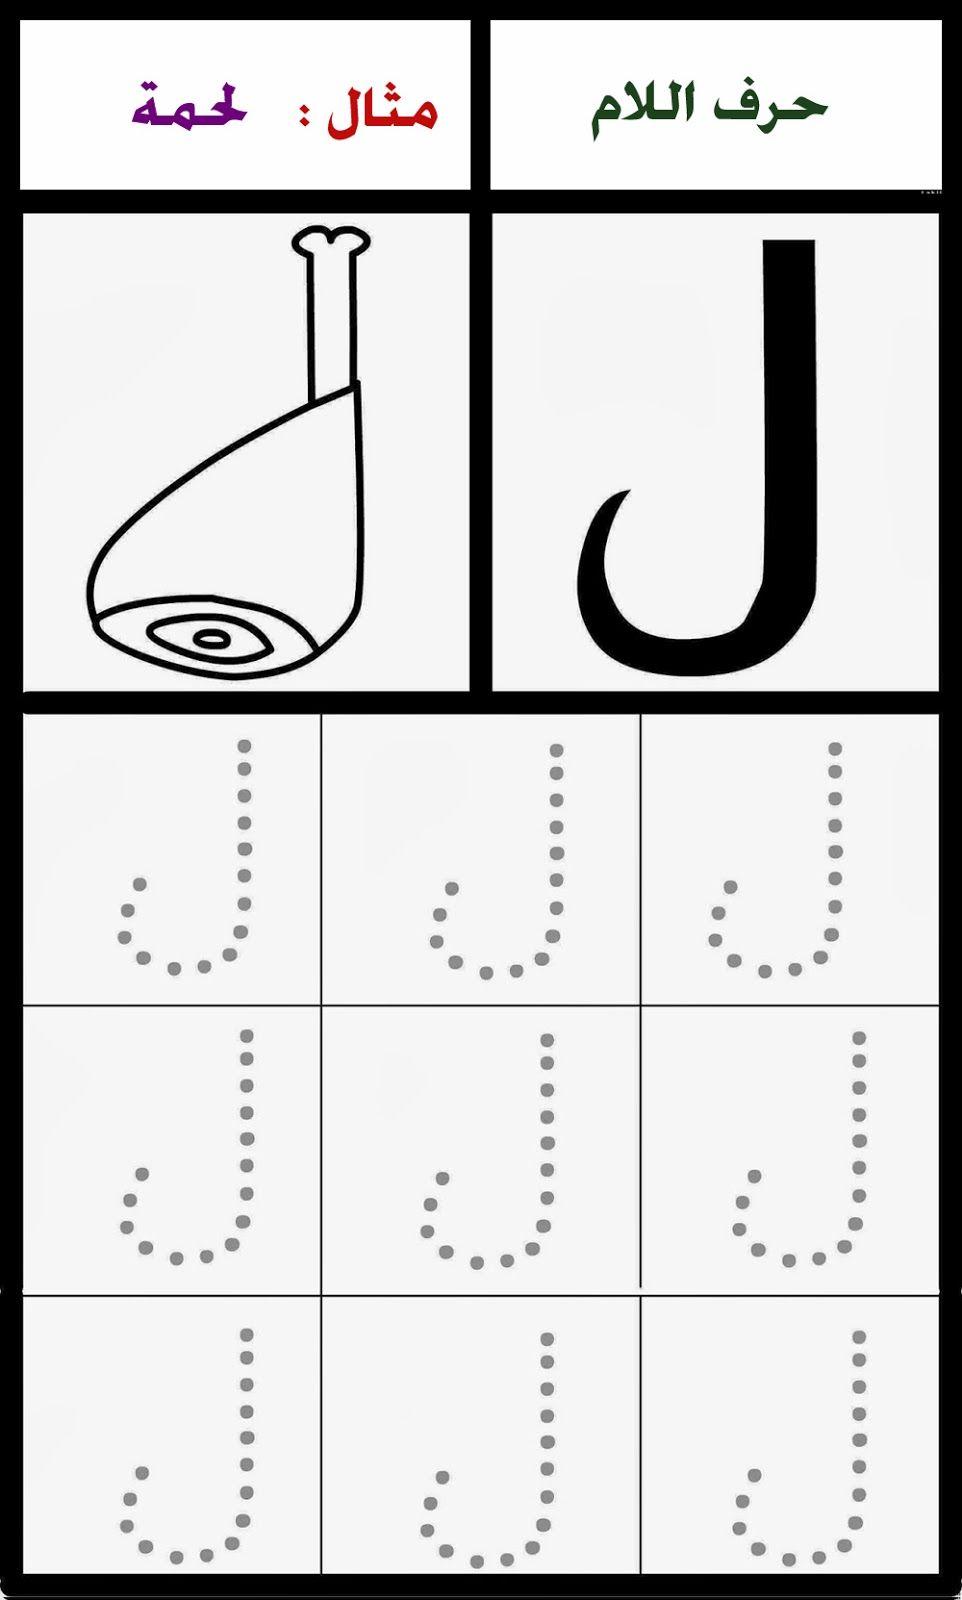 ألبومات صور منوعة البوم صور لرسم اشكال حروف هجاء اللغة العربية مع الأمثلة لكل حرف Arabic Alphabet For Kids Learn Arabic Alphabet Arabic Alphabet